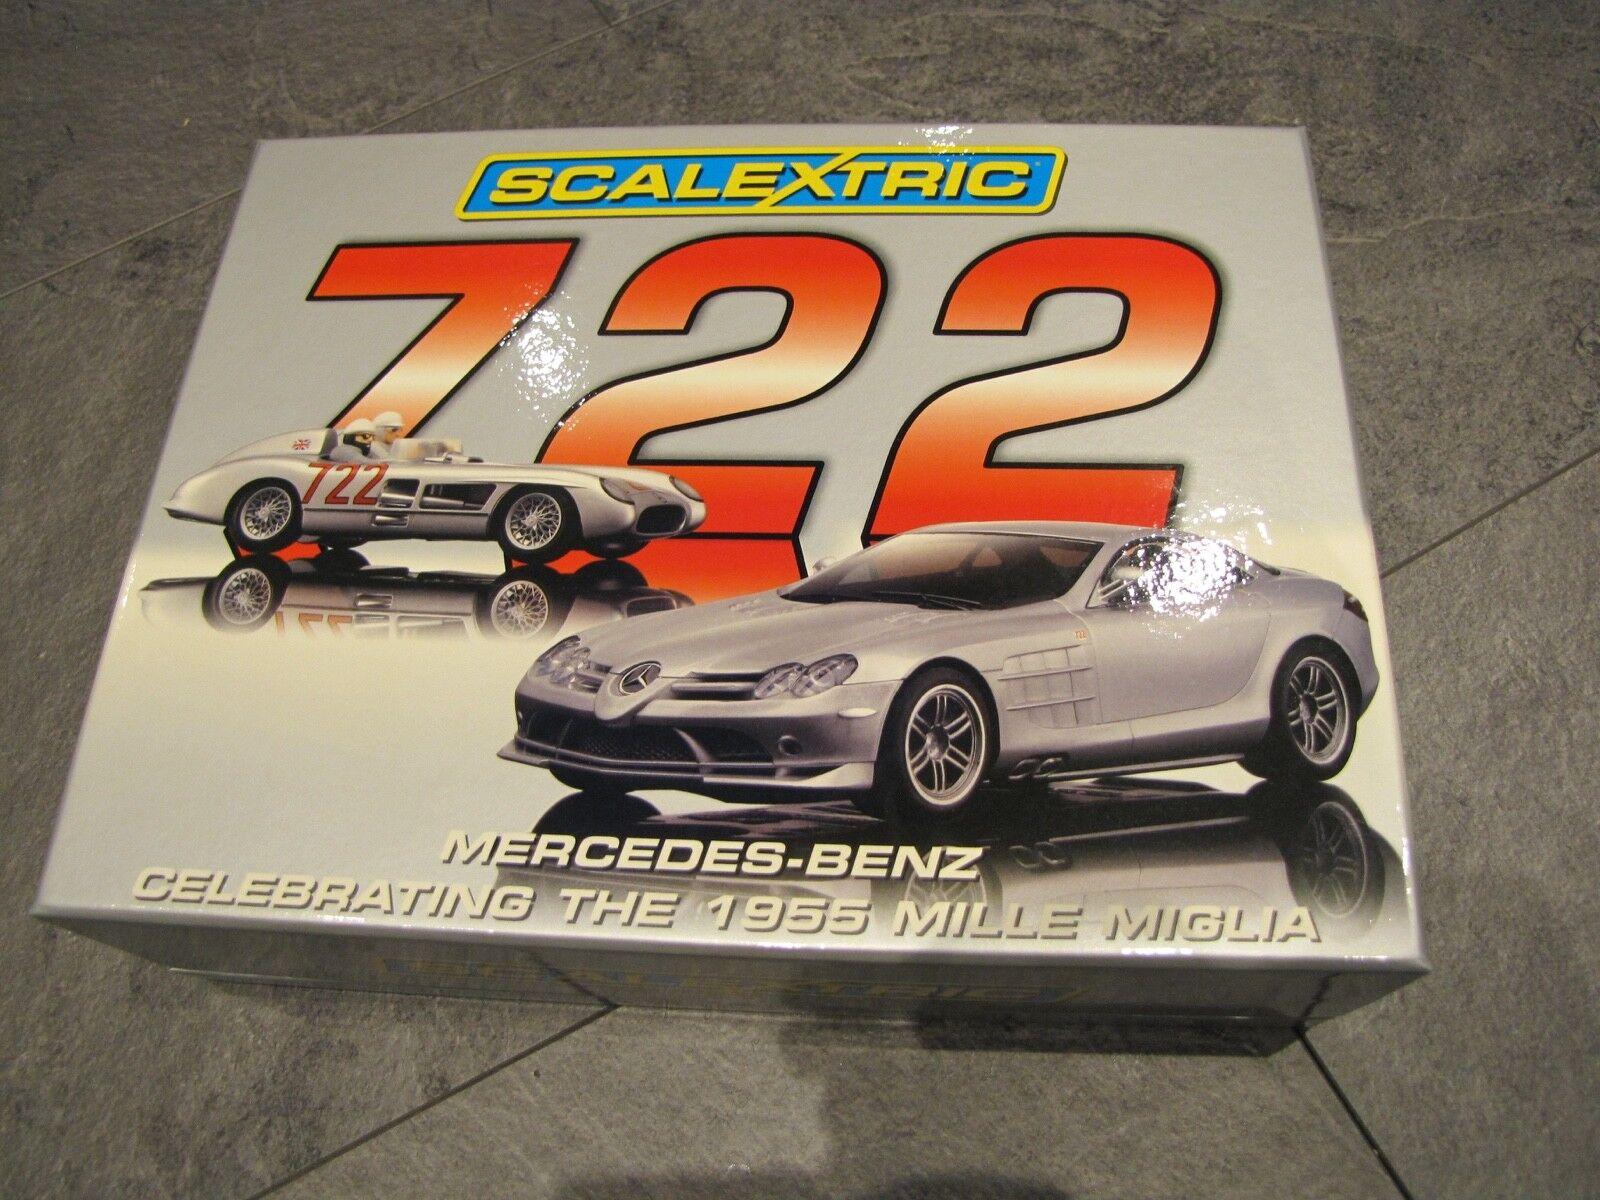 Scalextric 2 car Mille Miglia Mercedes-Benz 722